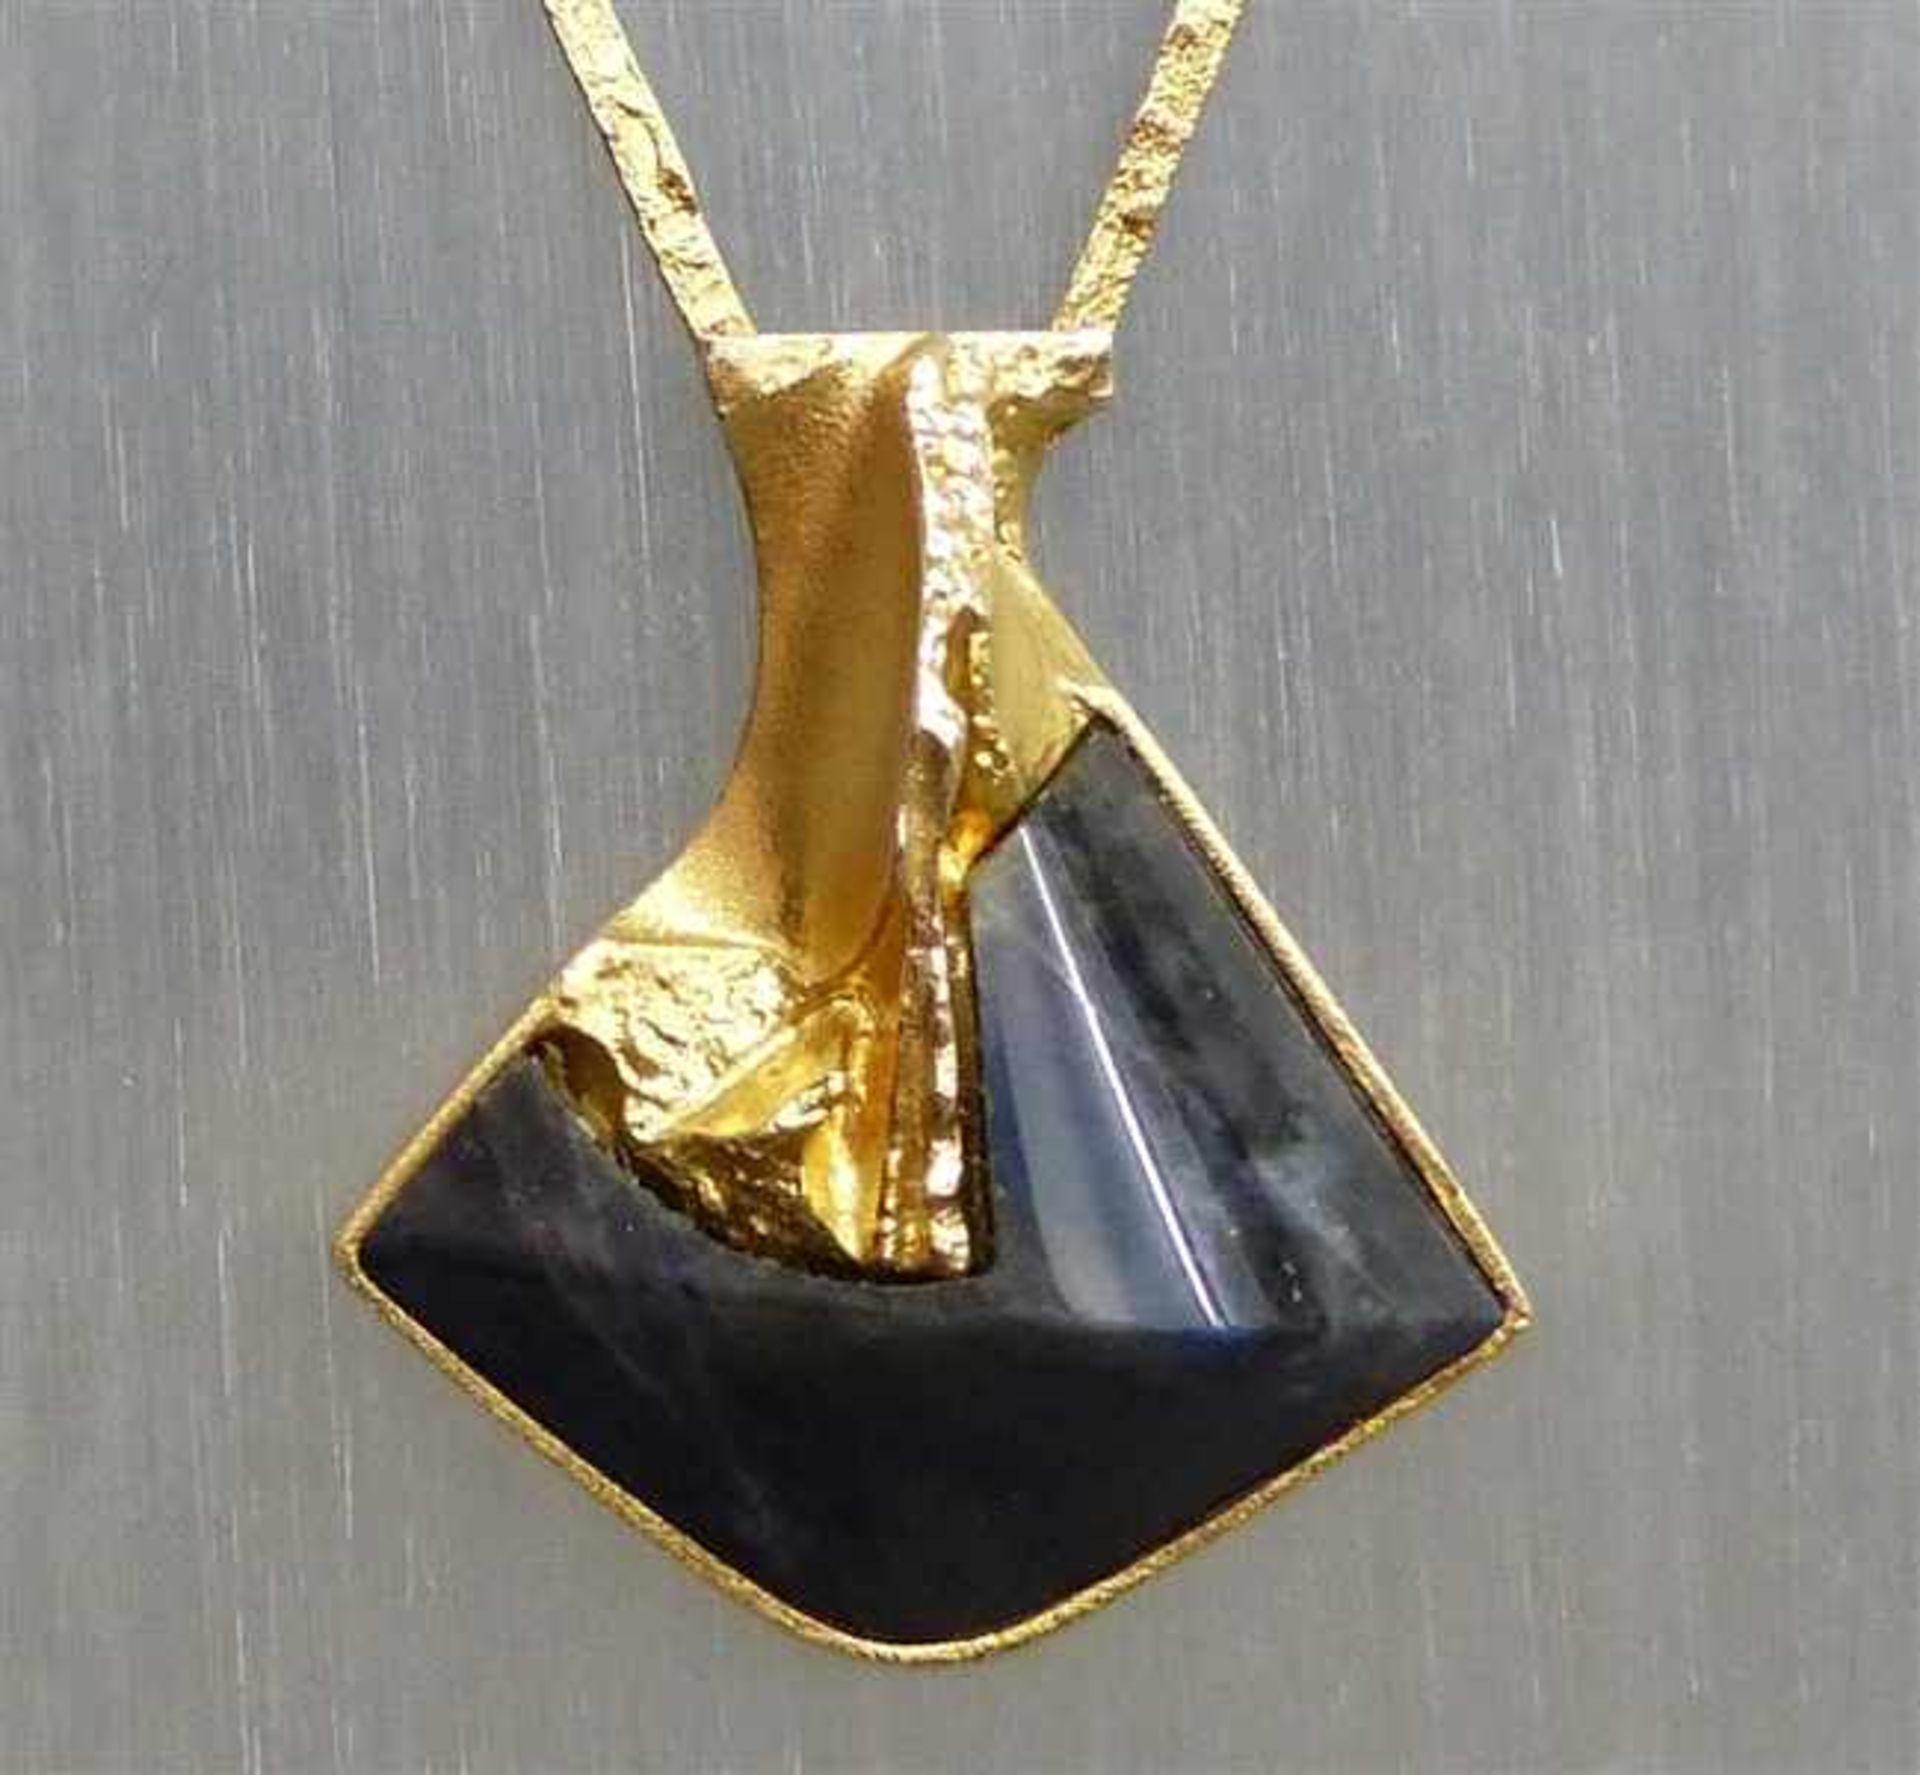 """Los 1054 - Collier 14 kt. Gelbgold, gemarkt """"Lapponia"""", 1 großer Labradorit, Handarbeit, mod. Designform, Kette"""